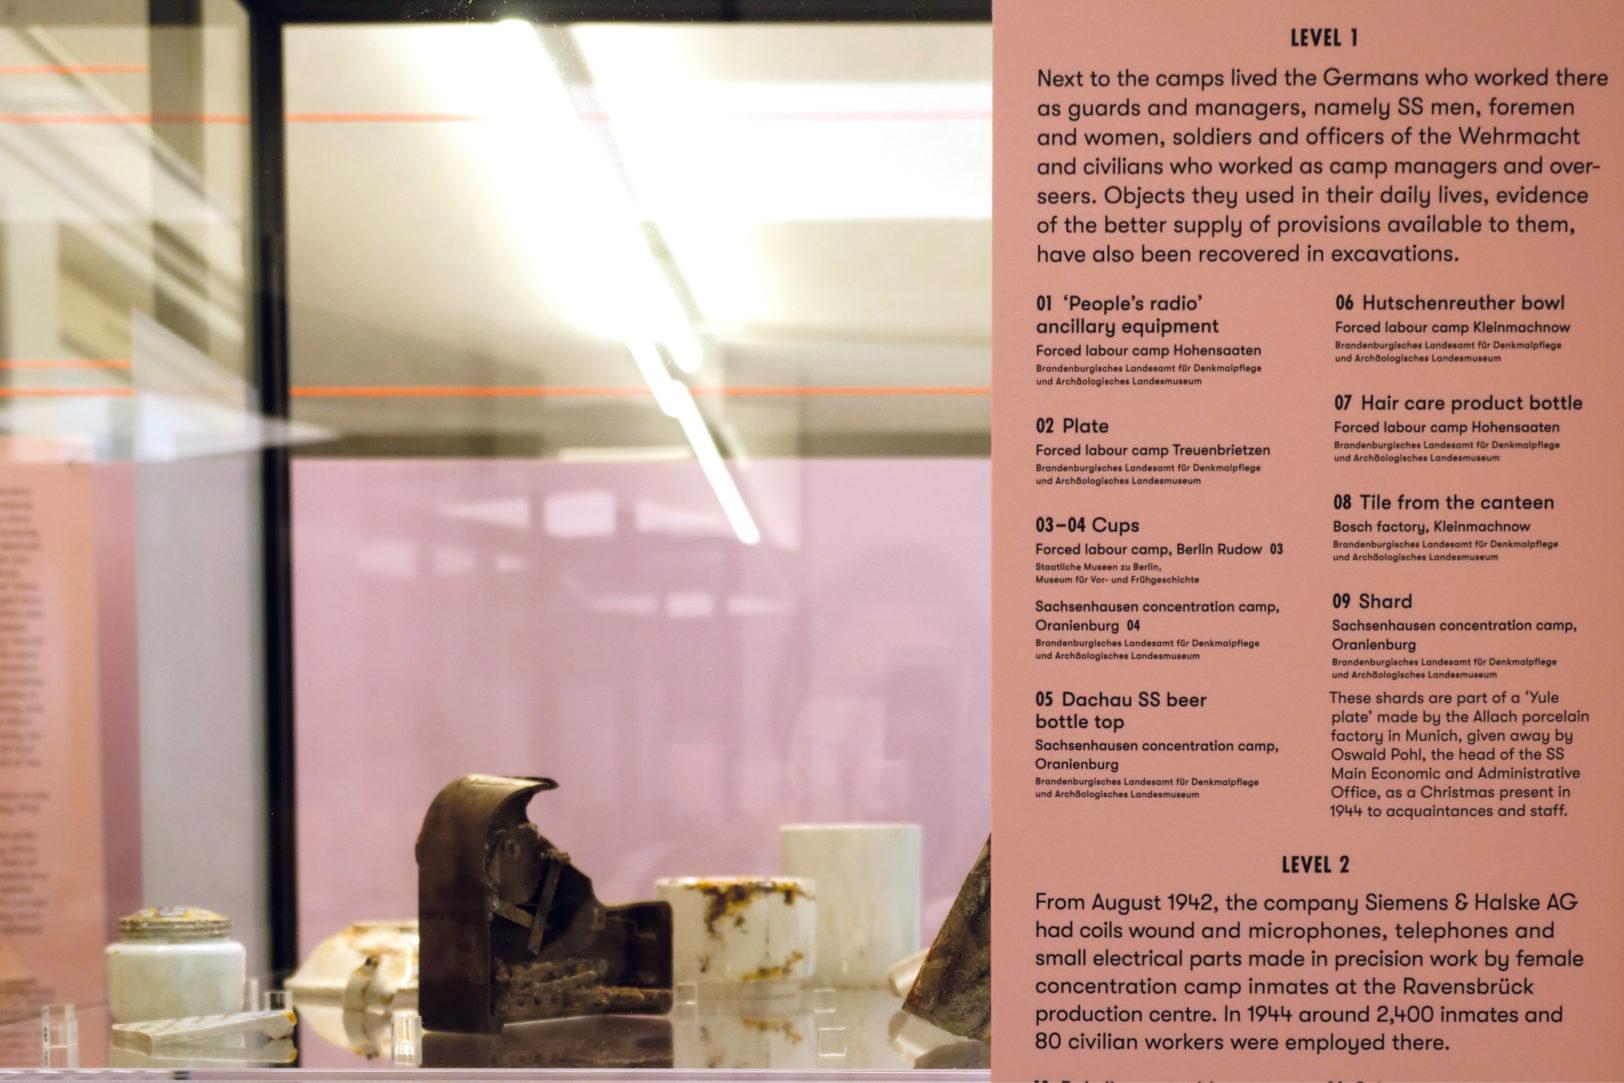 http://e-o-t.de/wordpress/wp-content/uploads/2020/04/Exhibition-Ausgeschlossen-eot-10.jpg